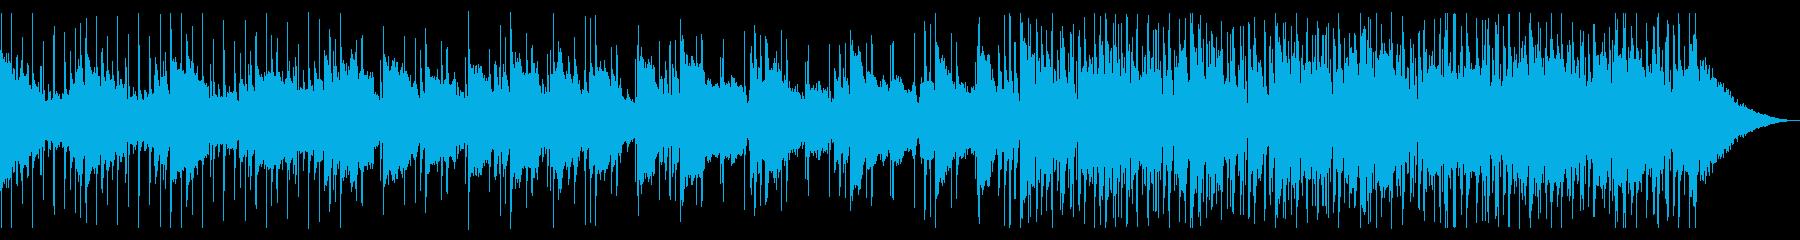 夏を感じる涼しいポップス_3の再生済みの波形